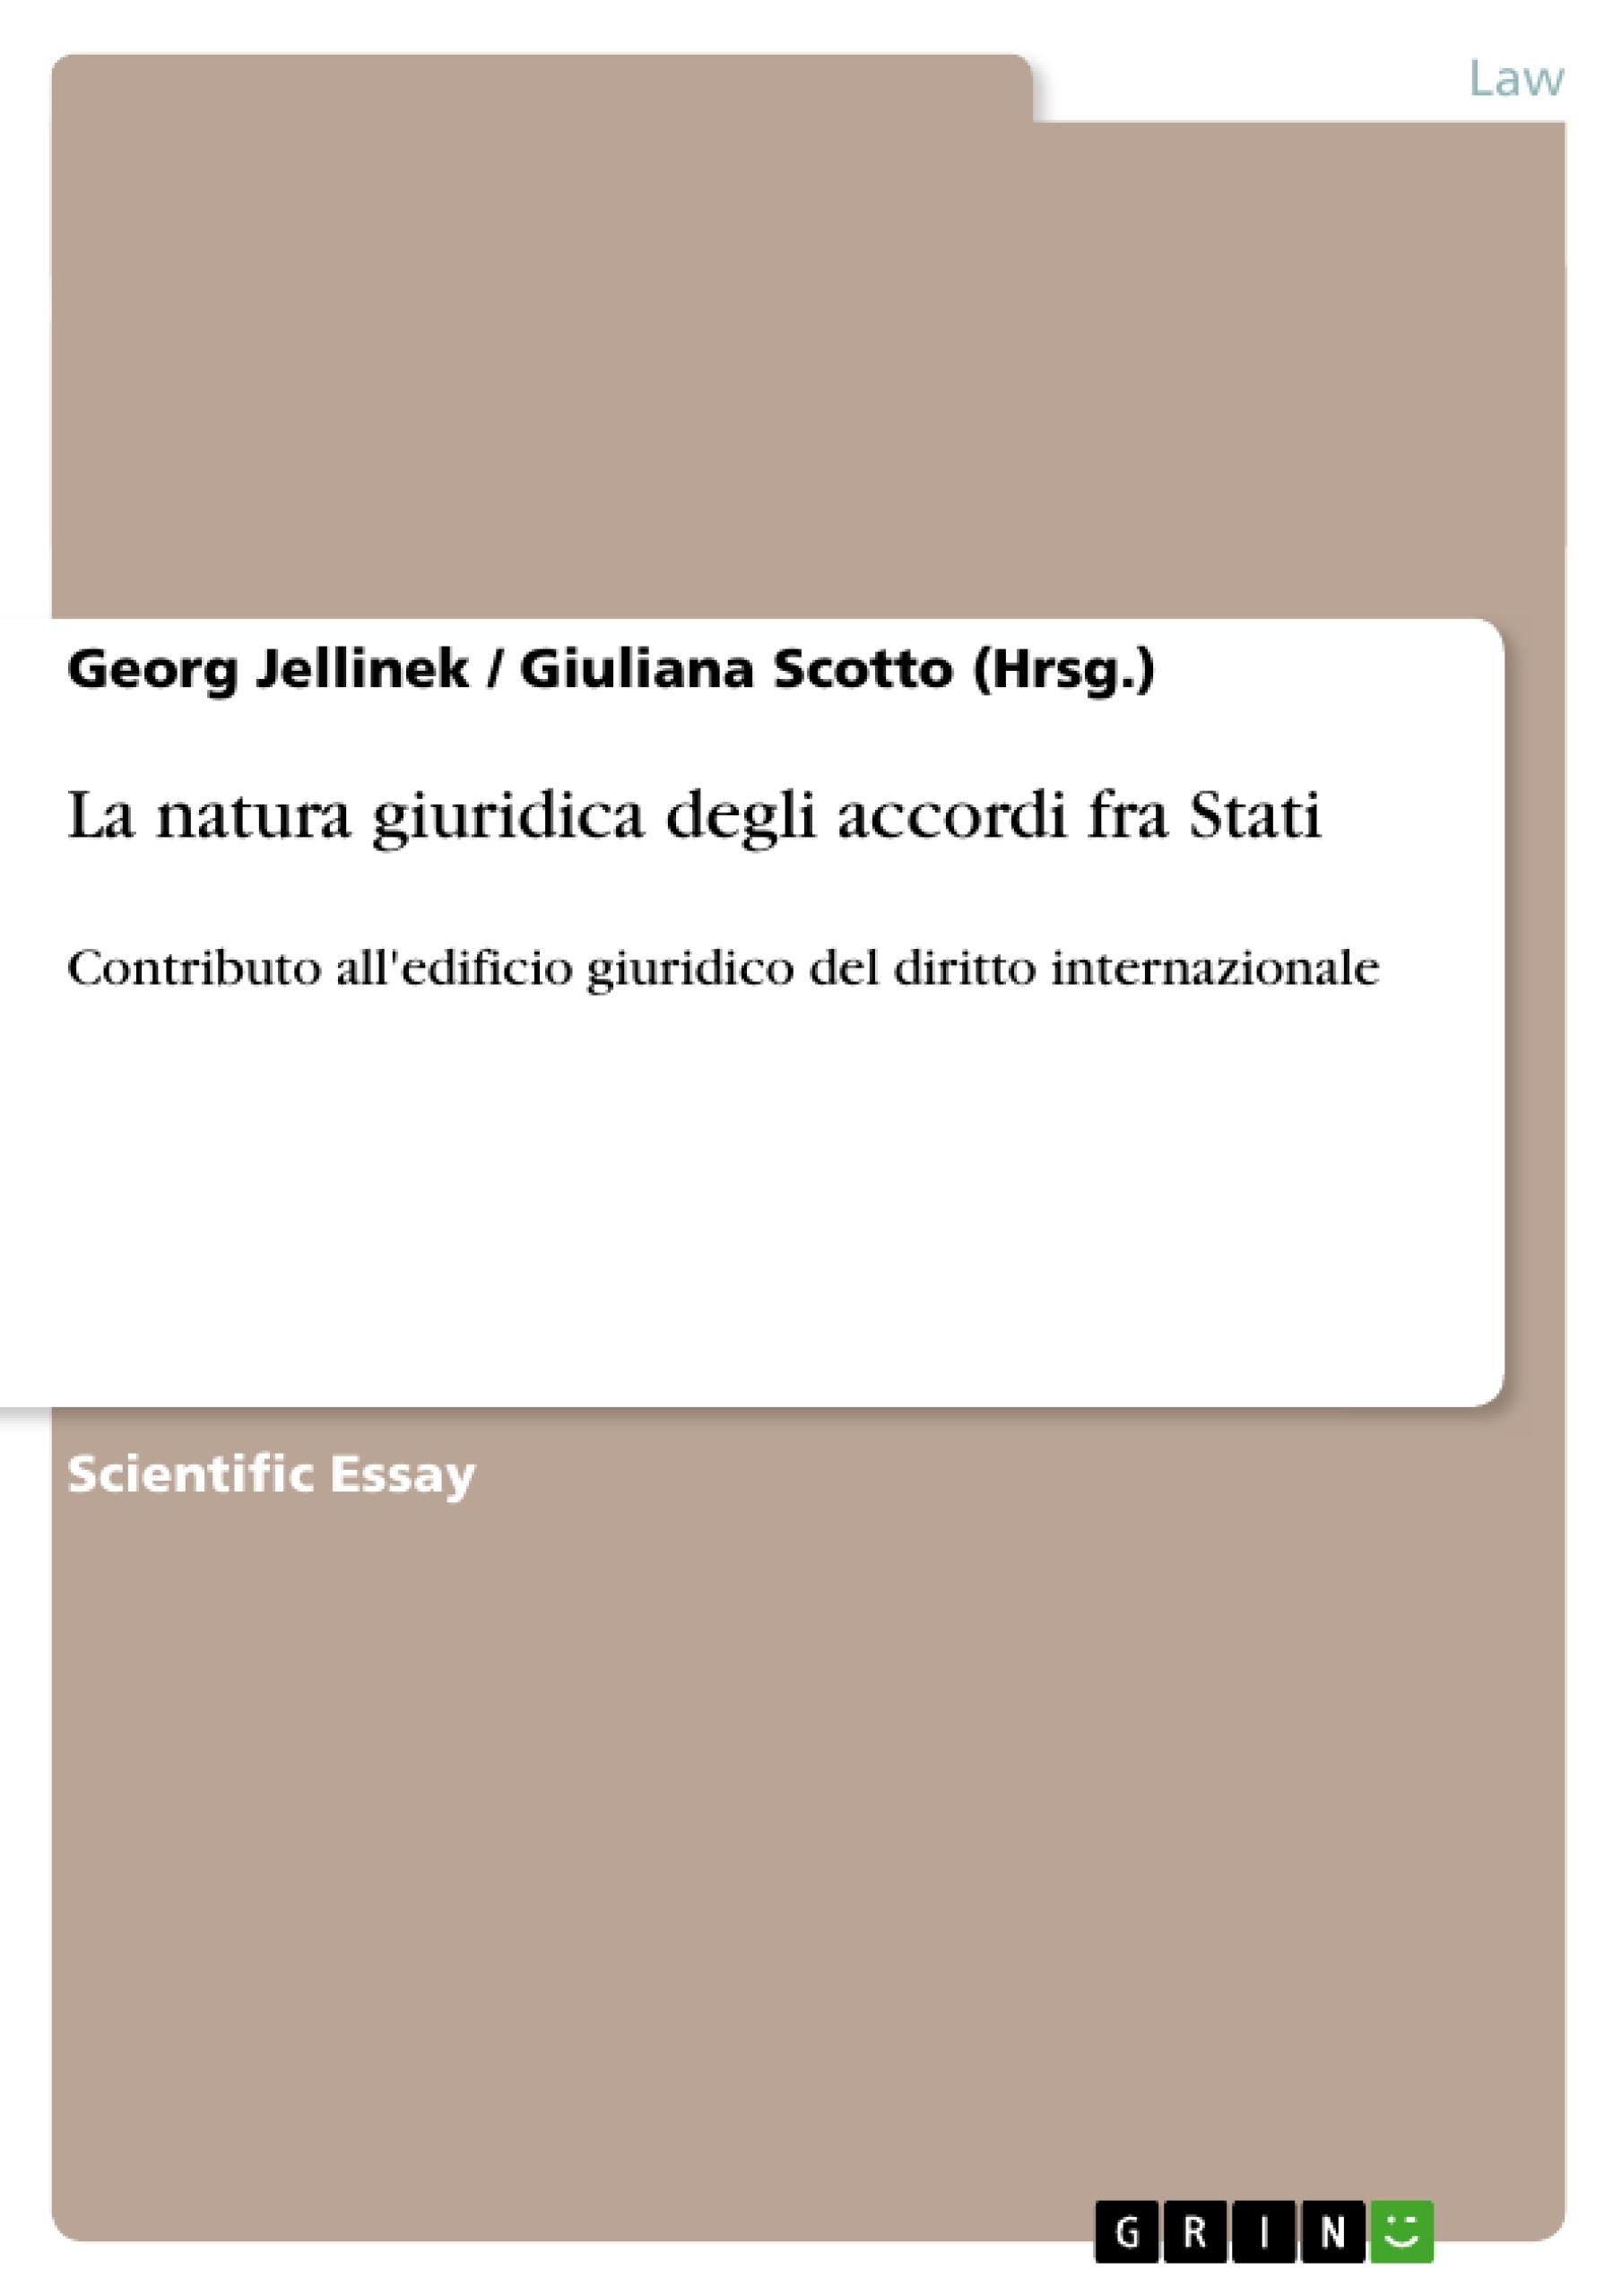 Title: La natura giuridica degli accordi fra Stati